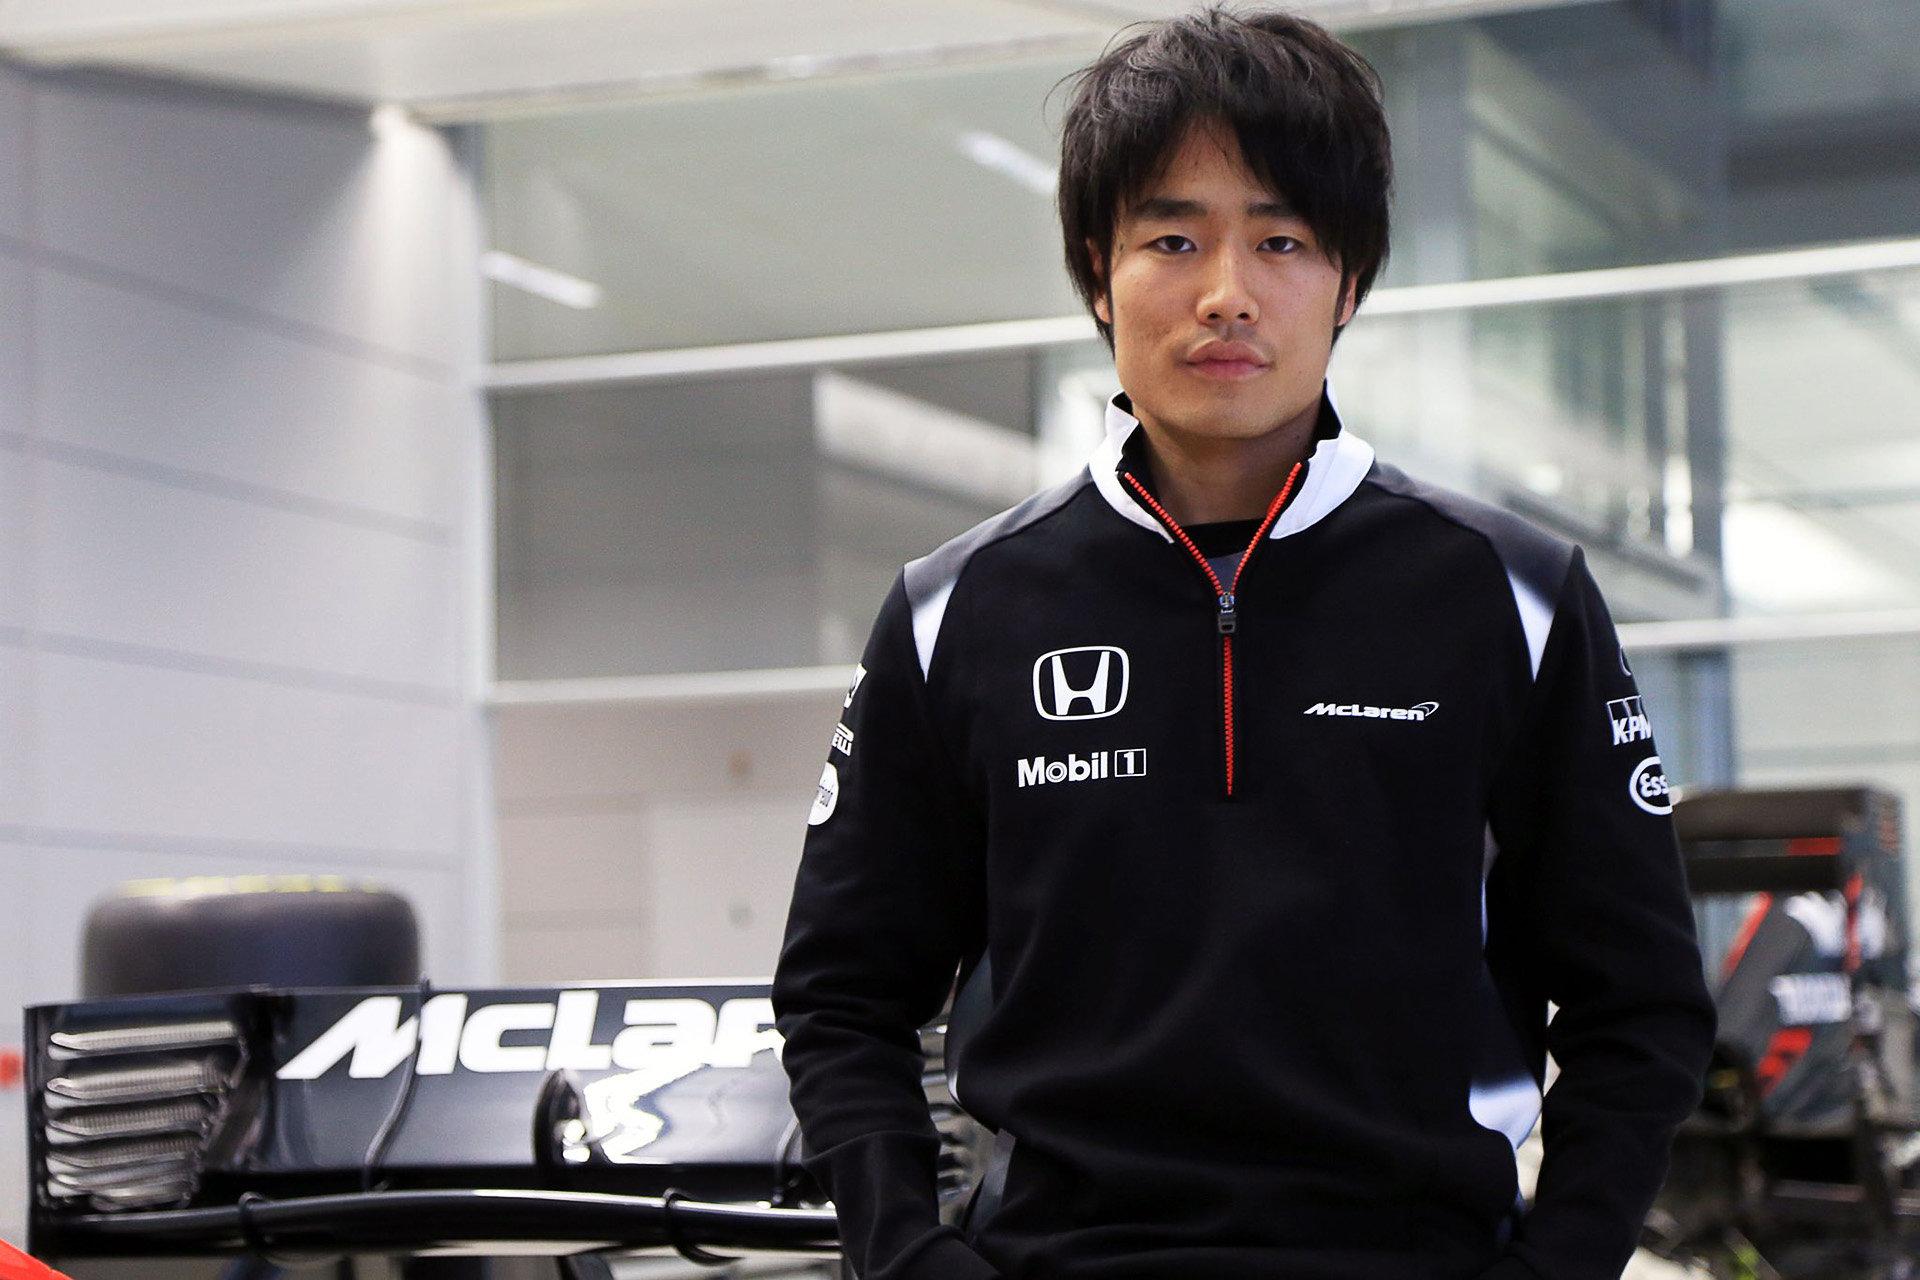 Dostane Nobuharu Matsušita šanci? Vztah k Hondě leccos napovídá